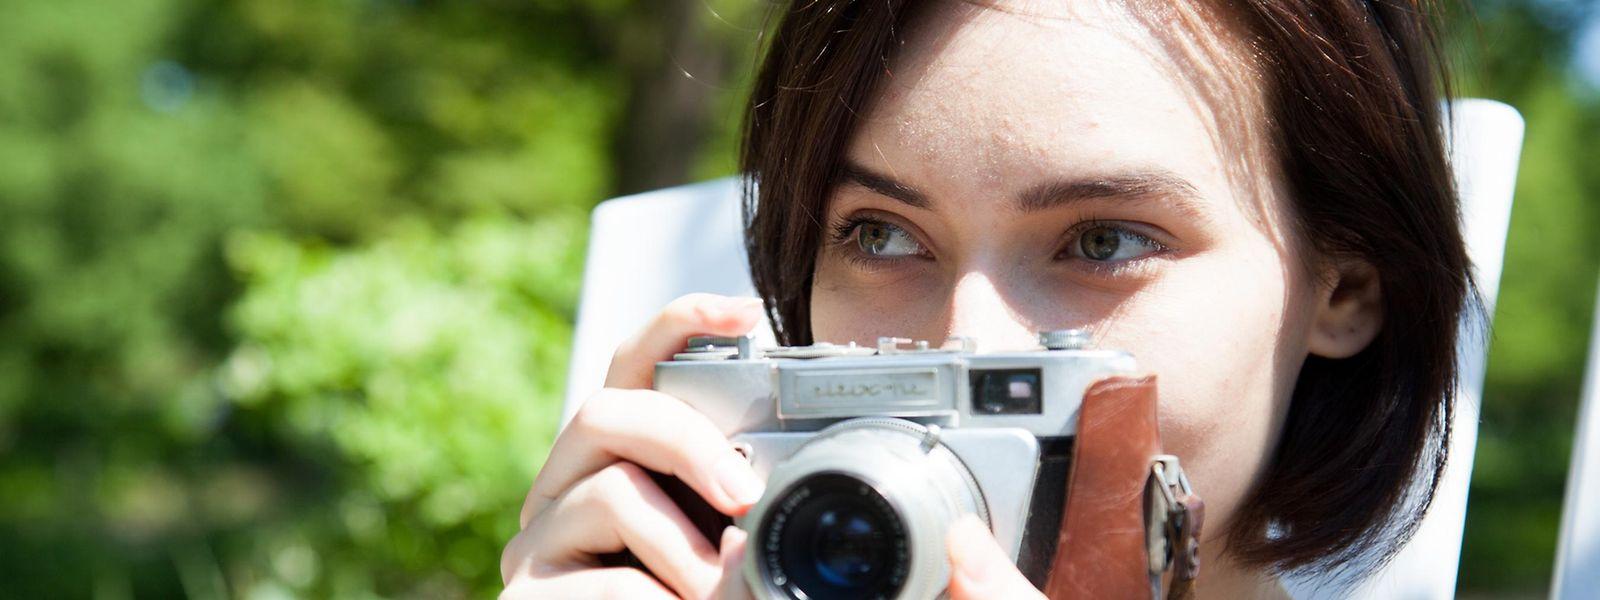 Filmrolle statt Digitalsensor, und auf die Bilder muss man auch warten. Trotzdem finden immer wieder Menschen Spaß an der alten Art der Fotografie.